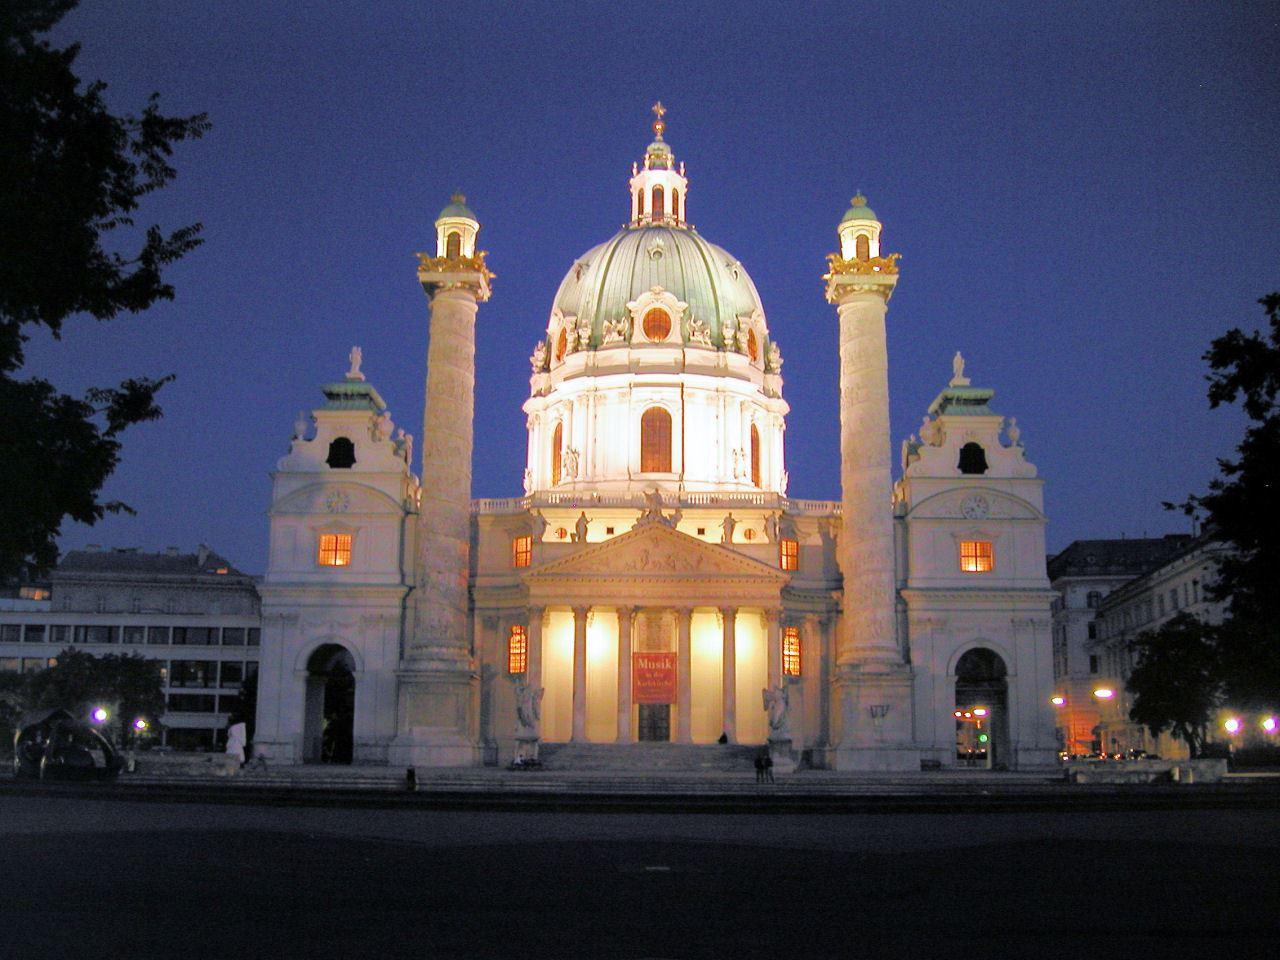 80399 المسافرون العرب كنيسة القديس تشارلز في مدينة فيينا